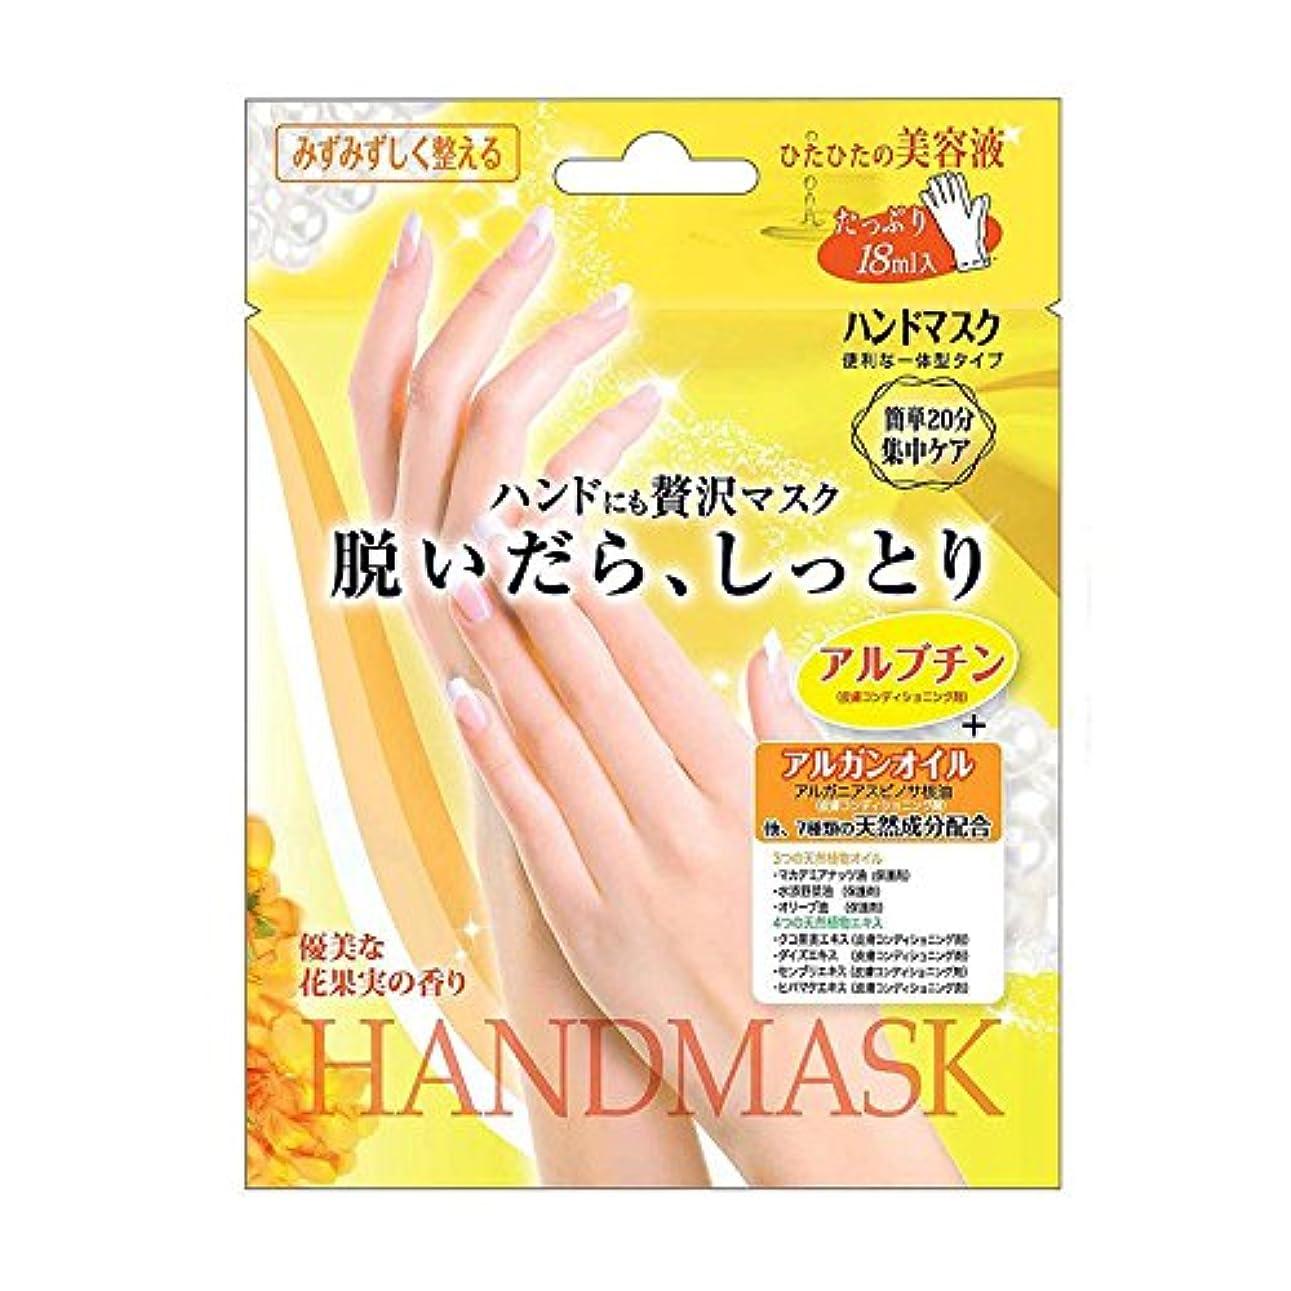 舗装するマネージャーマネージャービューティーワールド ハンドにも贅沢マスク 脱いだら、しっとりハンドマスク 6個セット